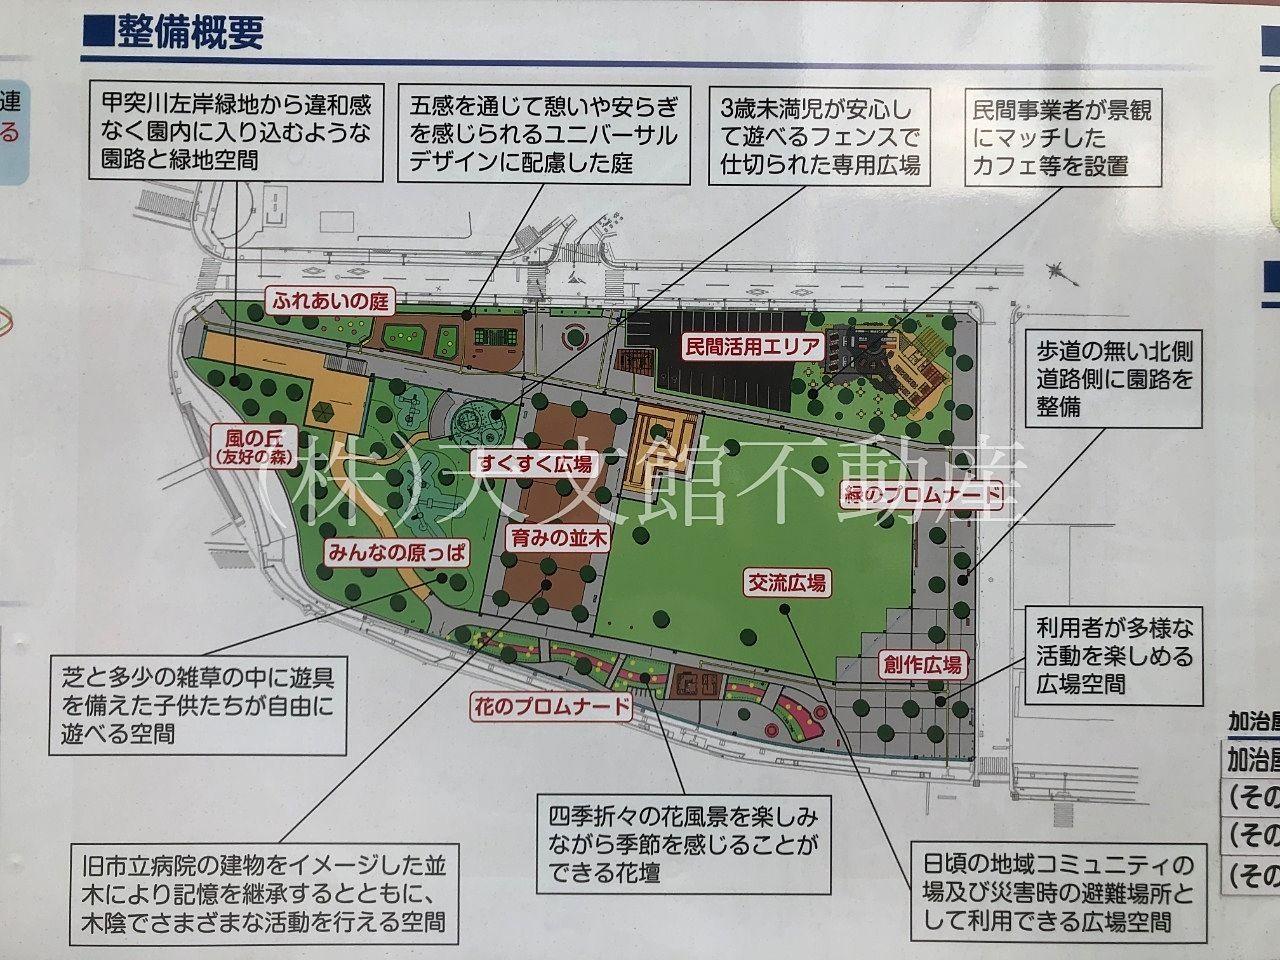 鹿児島市加治屋町 旧市立病院跡地の整備概要